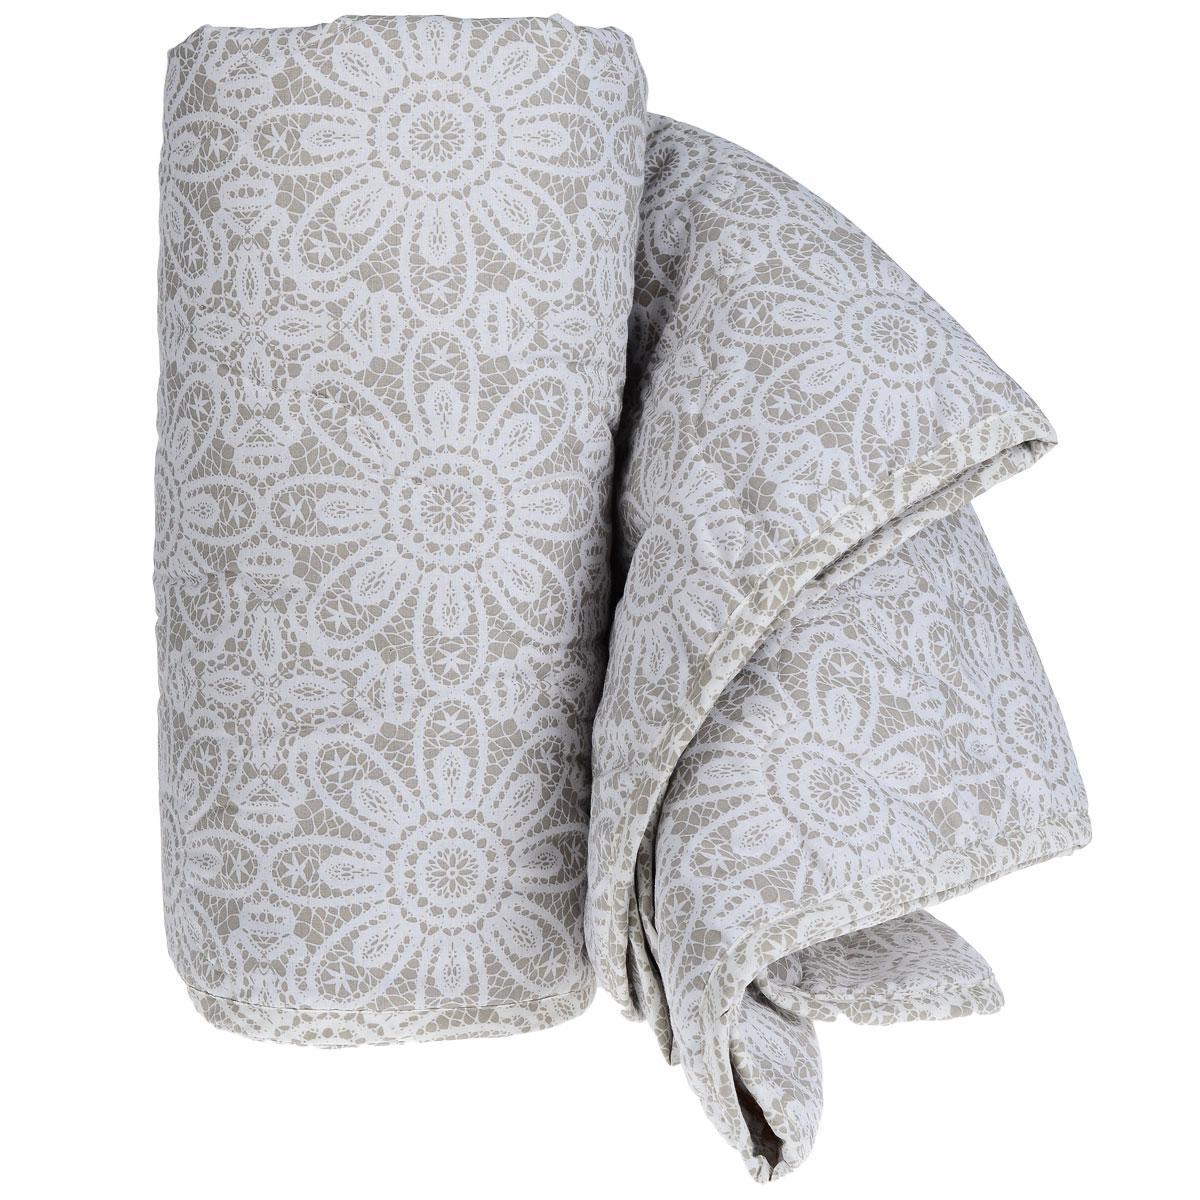 Одеяло летнее Green Line, наполнитель: льняное волокно, 140 см х 205 см189234Летнее одеяло Green Line подарит незабываемое чувство комфорта и уюта во время сна. Верх выполнен из ранфорса (100% хлопок) с красивым рисунком, напоминающим кружево. Внутри - наполнитель из льняного волокна. Это экологически чистый натуральный материал, который позаботится о вашем здоровье и подарит комфортный сон. Лен обладает уникальными свойствами: он холодит в жару и согревает в холод, он полезен для здоровья, так как является природным антисептиком. Благодаря пористой структуре, ткань дышит и создается эффект активного дыхания. Стежка и кант по краю не позволяют наполнителю скатываться и равномерно удерживают его внутри. Одеяло легкое и тонкое - оно идеально подойдет для лета, под ним будет прохладно и комфортно спать в жару. Рекомендации по уходу: - запрещается стирка в стиральной машине и вручную, - не отбеливать, - нельзя отжимать и сушить в стиральной машине, - не гладить, - химчистка с мягкими...